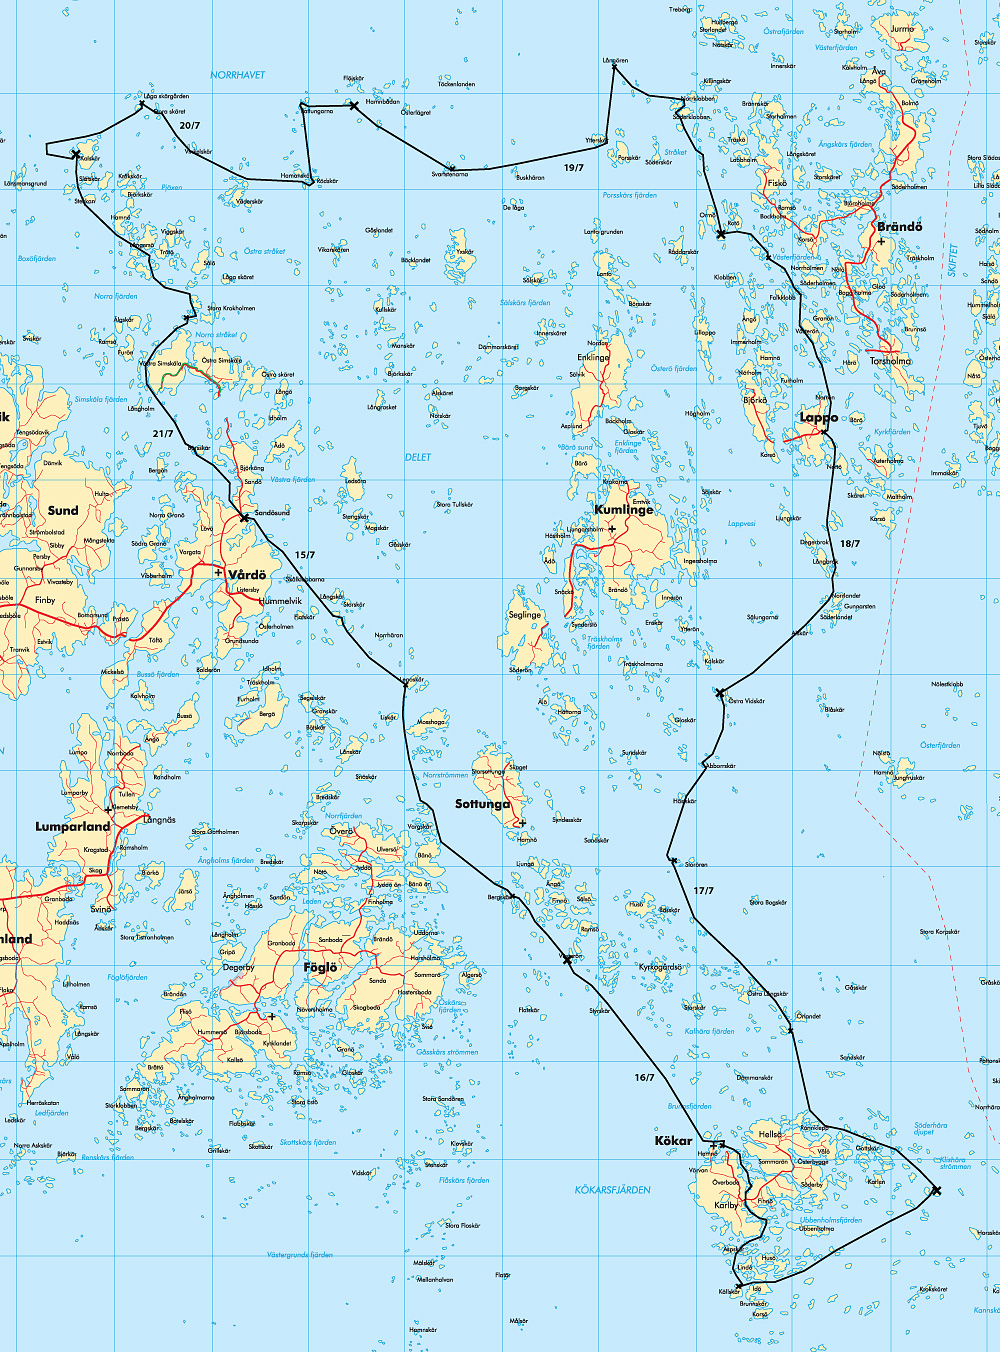 ålands karta